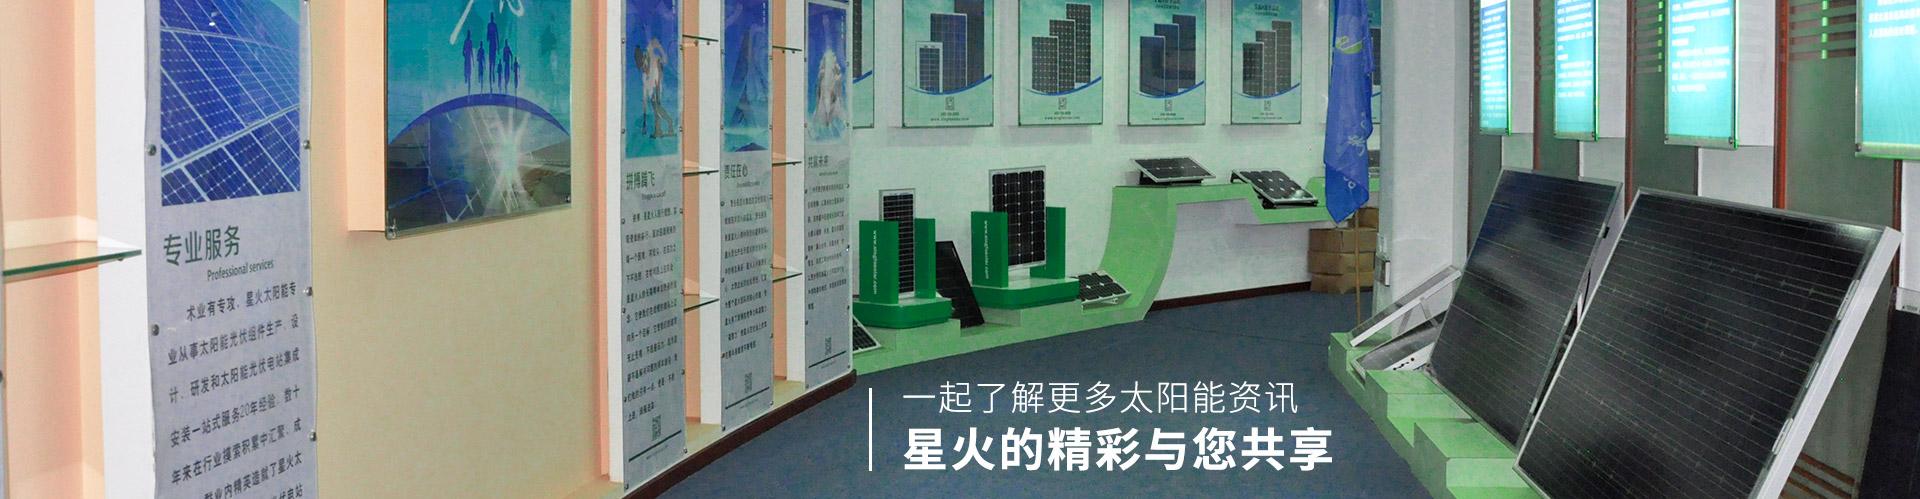 星(xing)火太陽(yang)能(neng)和你(ni)一起(qi)了(liao)解更多太陽(yang)能(neng)資訊